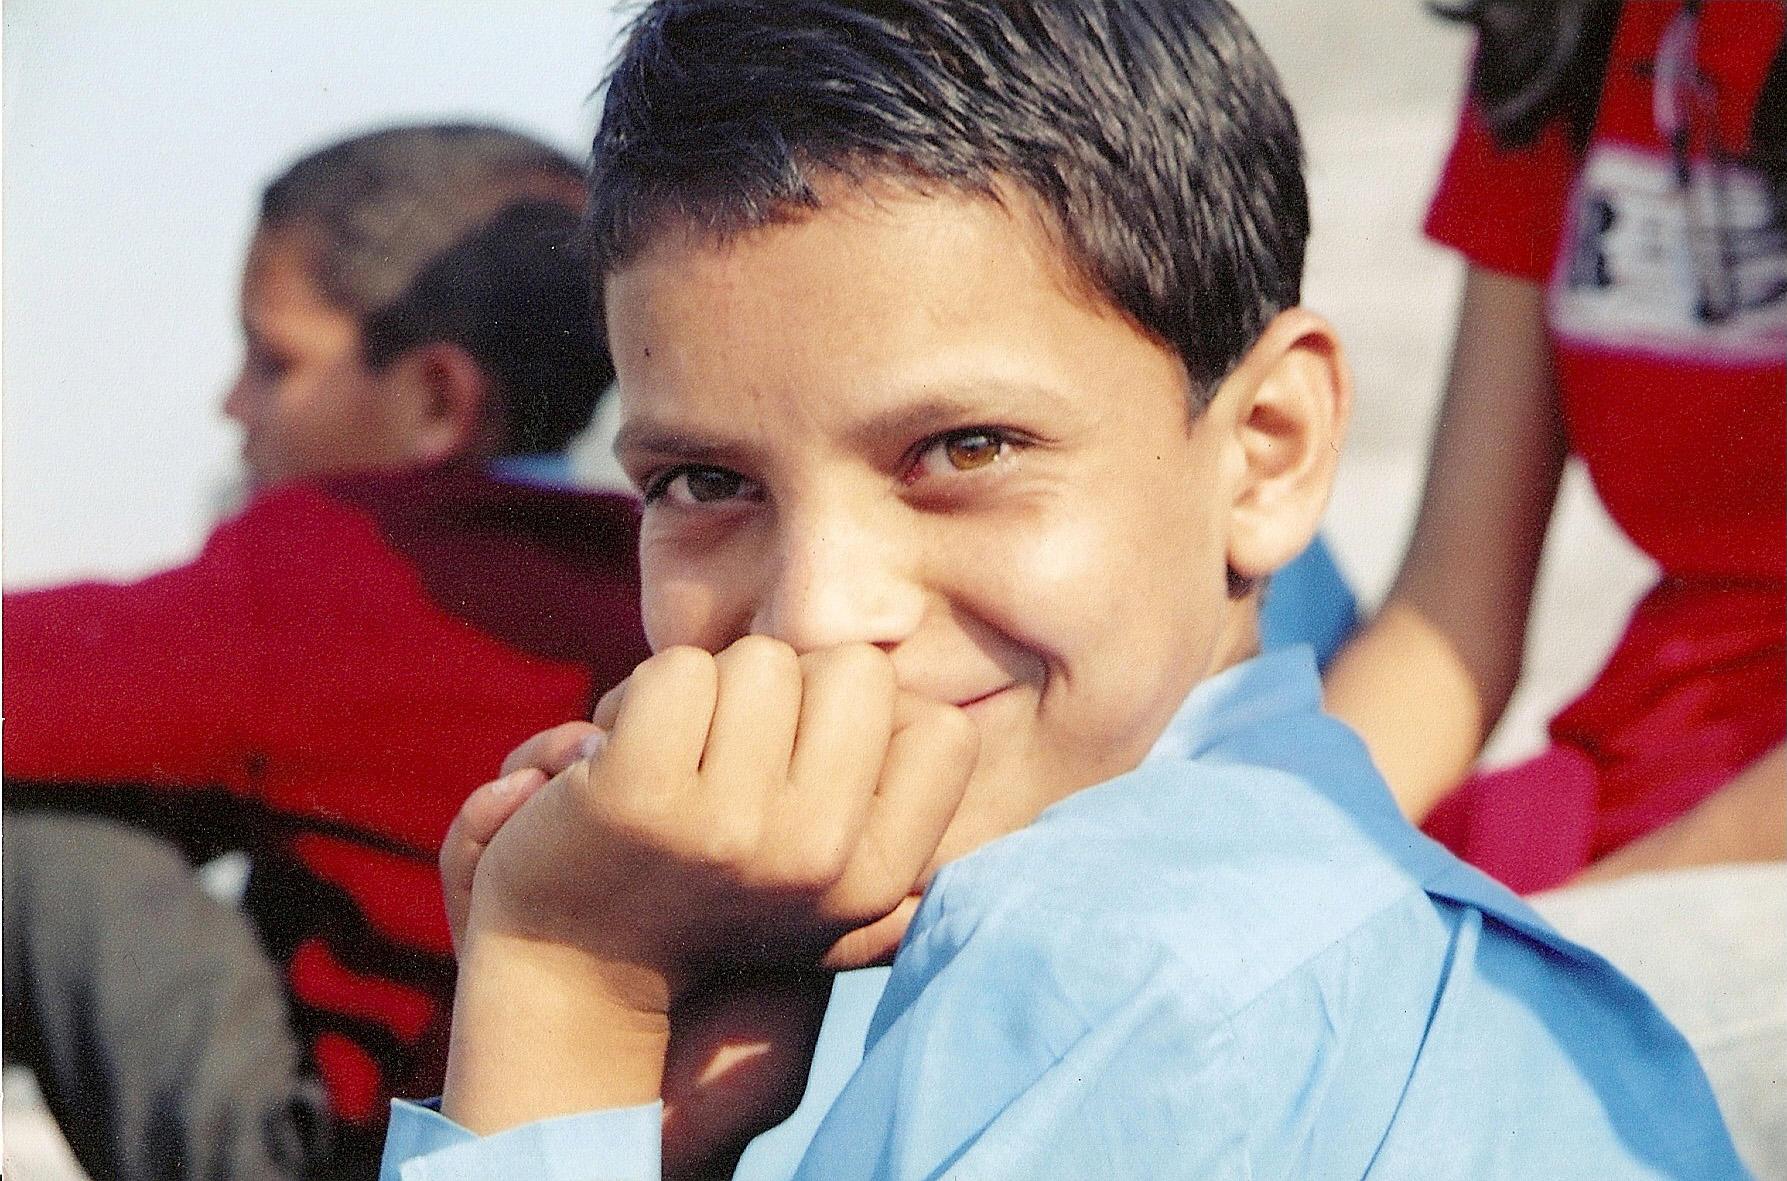 © 2007 Sushmit Ghosh, Courtesy of Photoshare